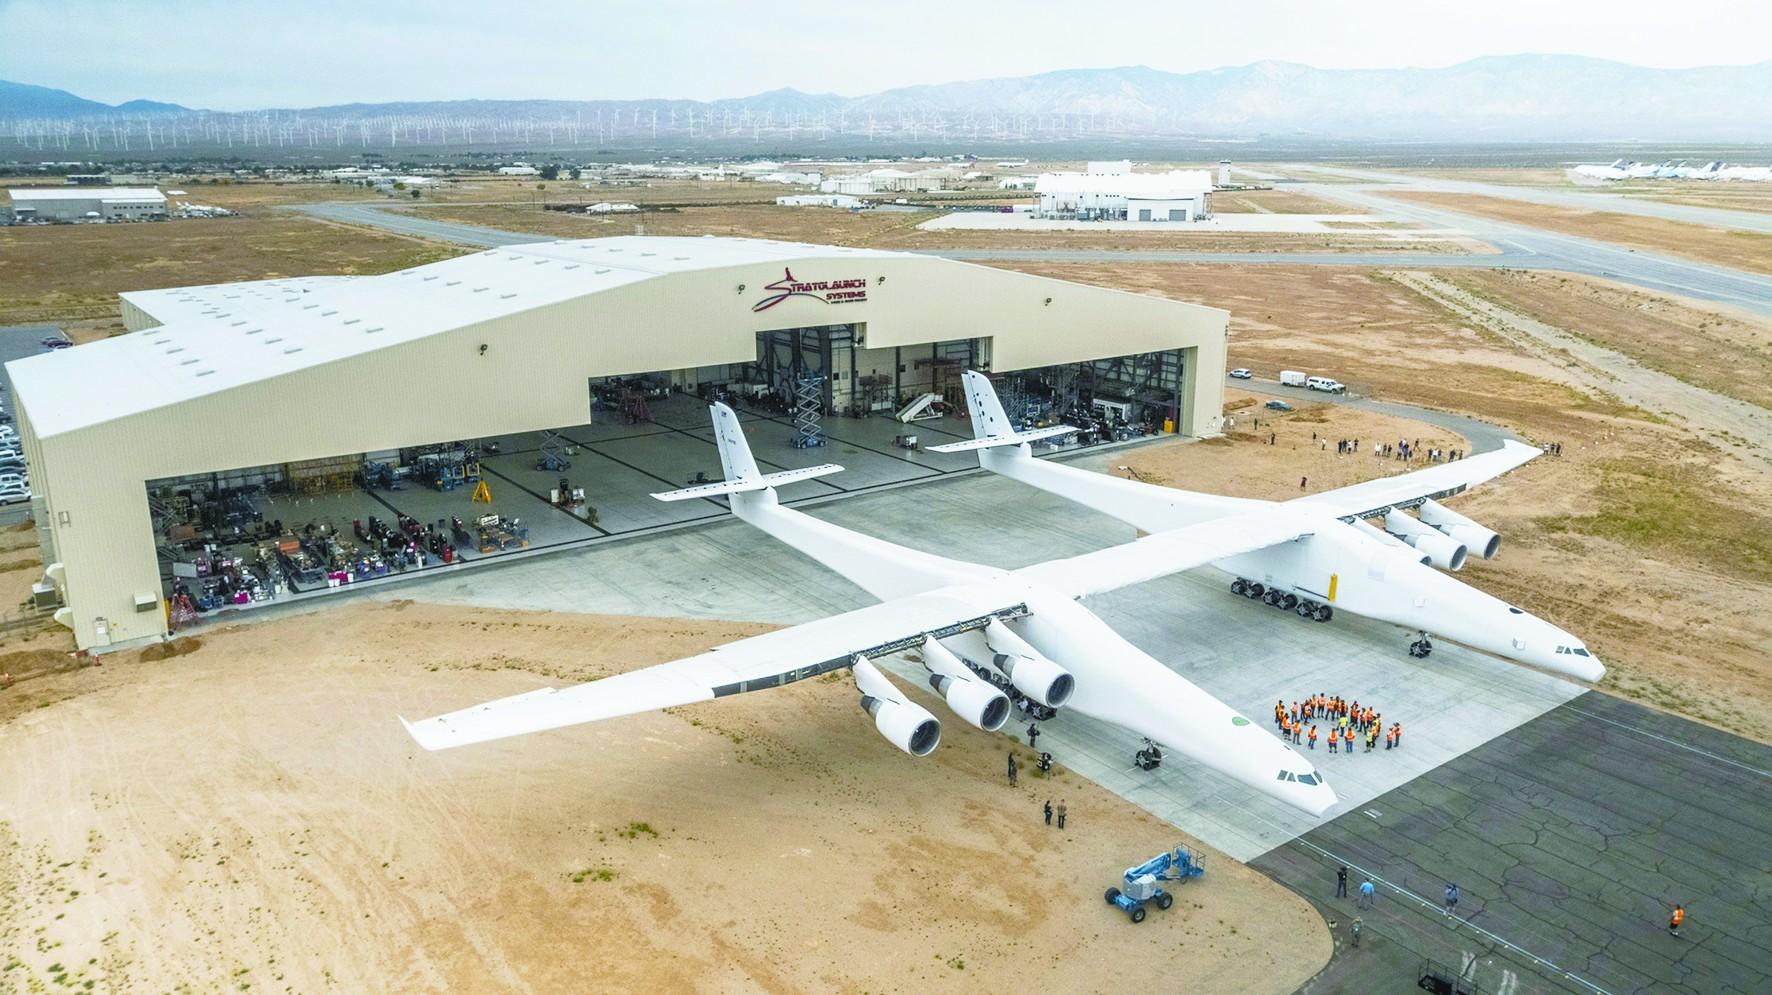 超越安225!世界最大双身飞机首飞 能空射太空船